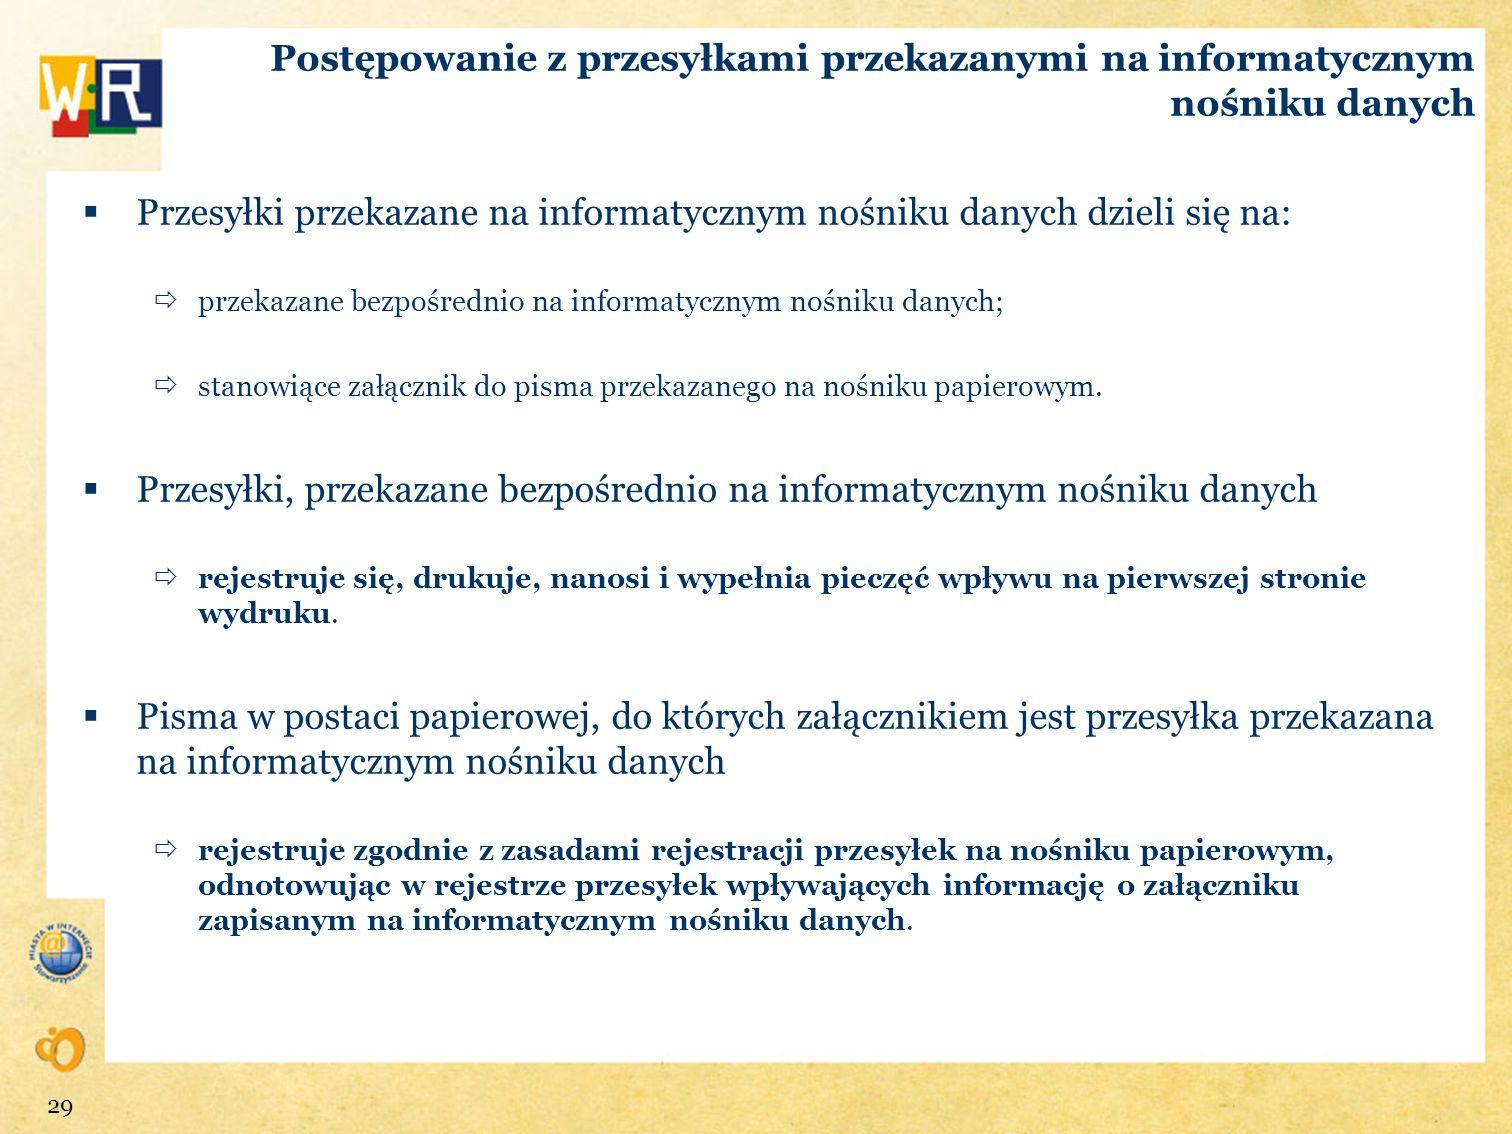 Przesyłki przekazane na informatycznym nośniku danych dzieli się na: